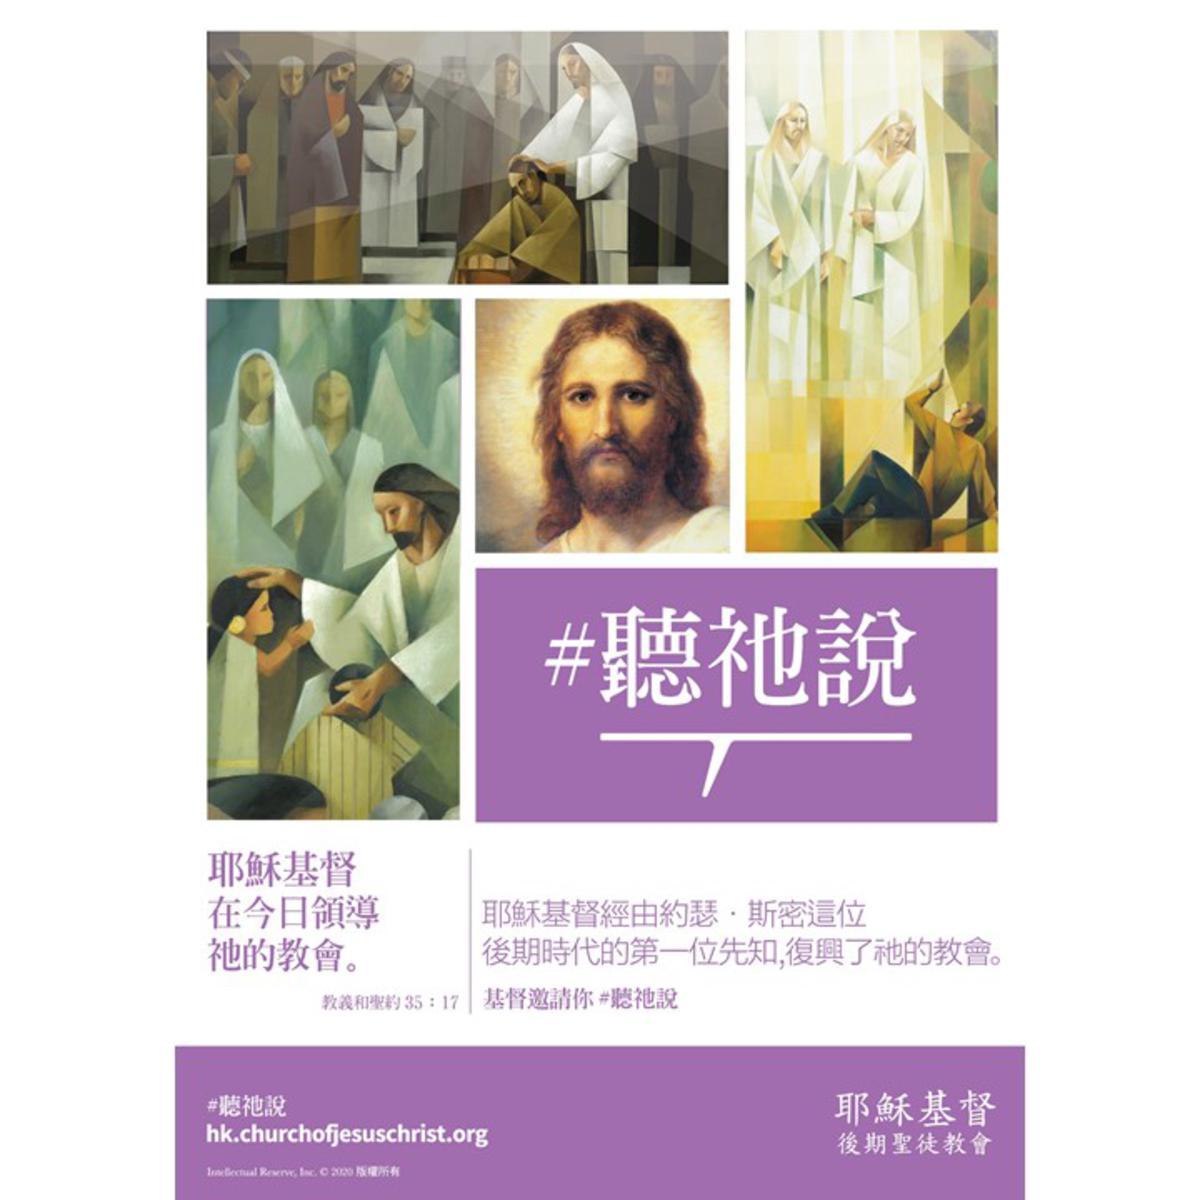 耶穌基督在今日領導祂的教會